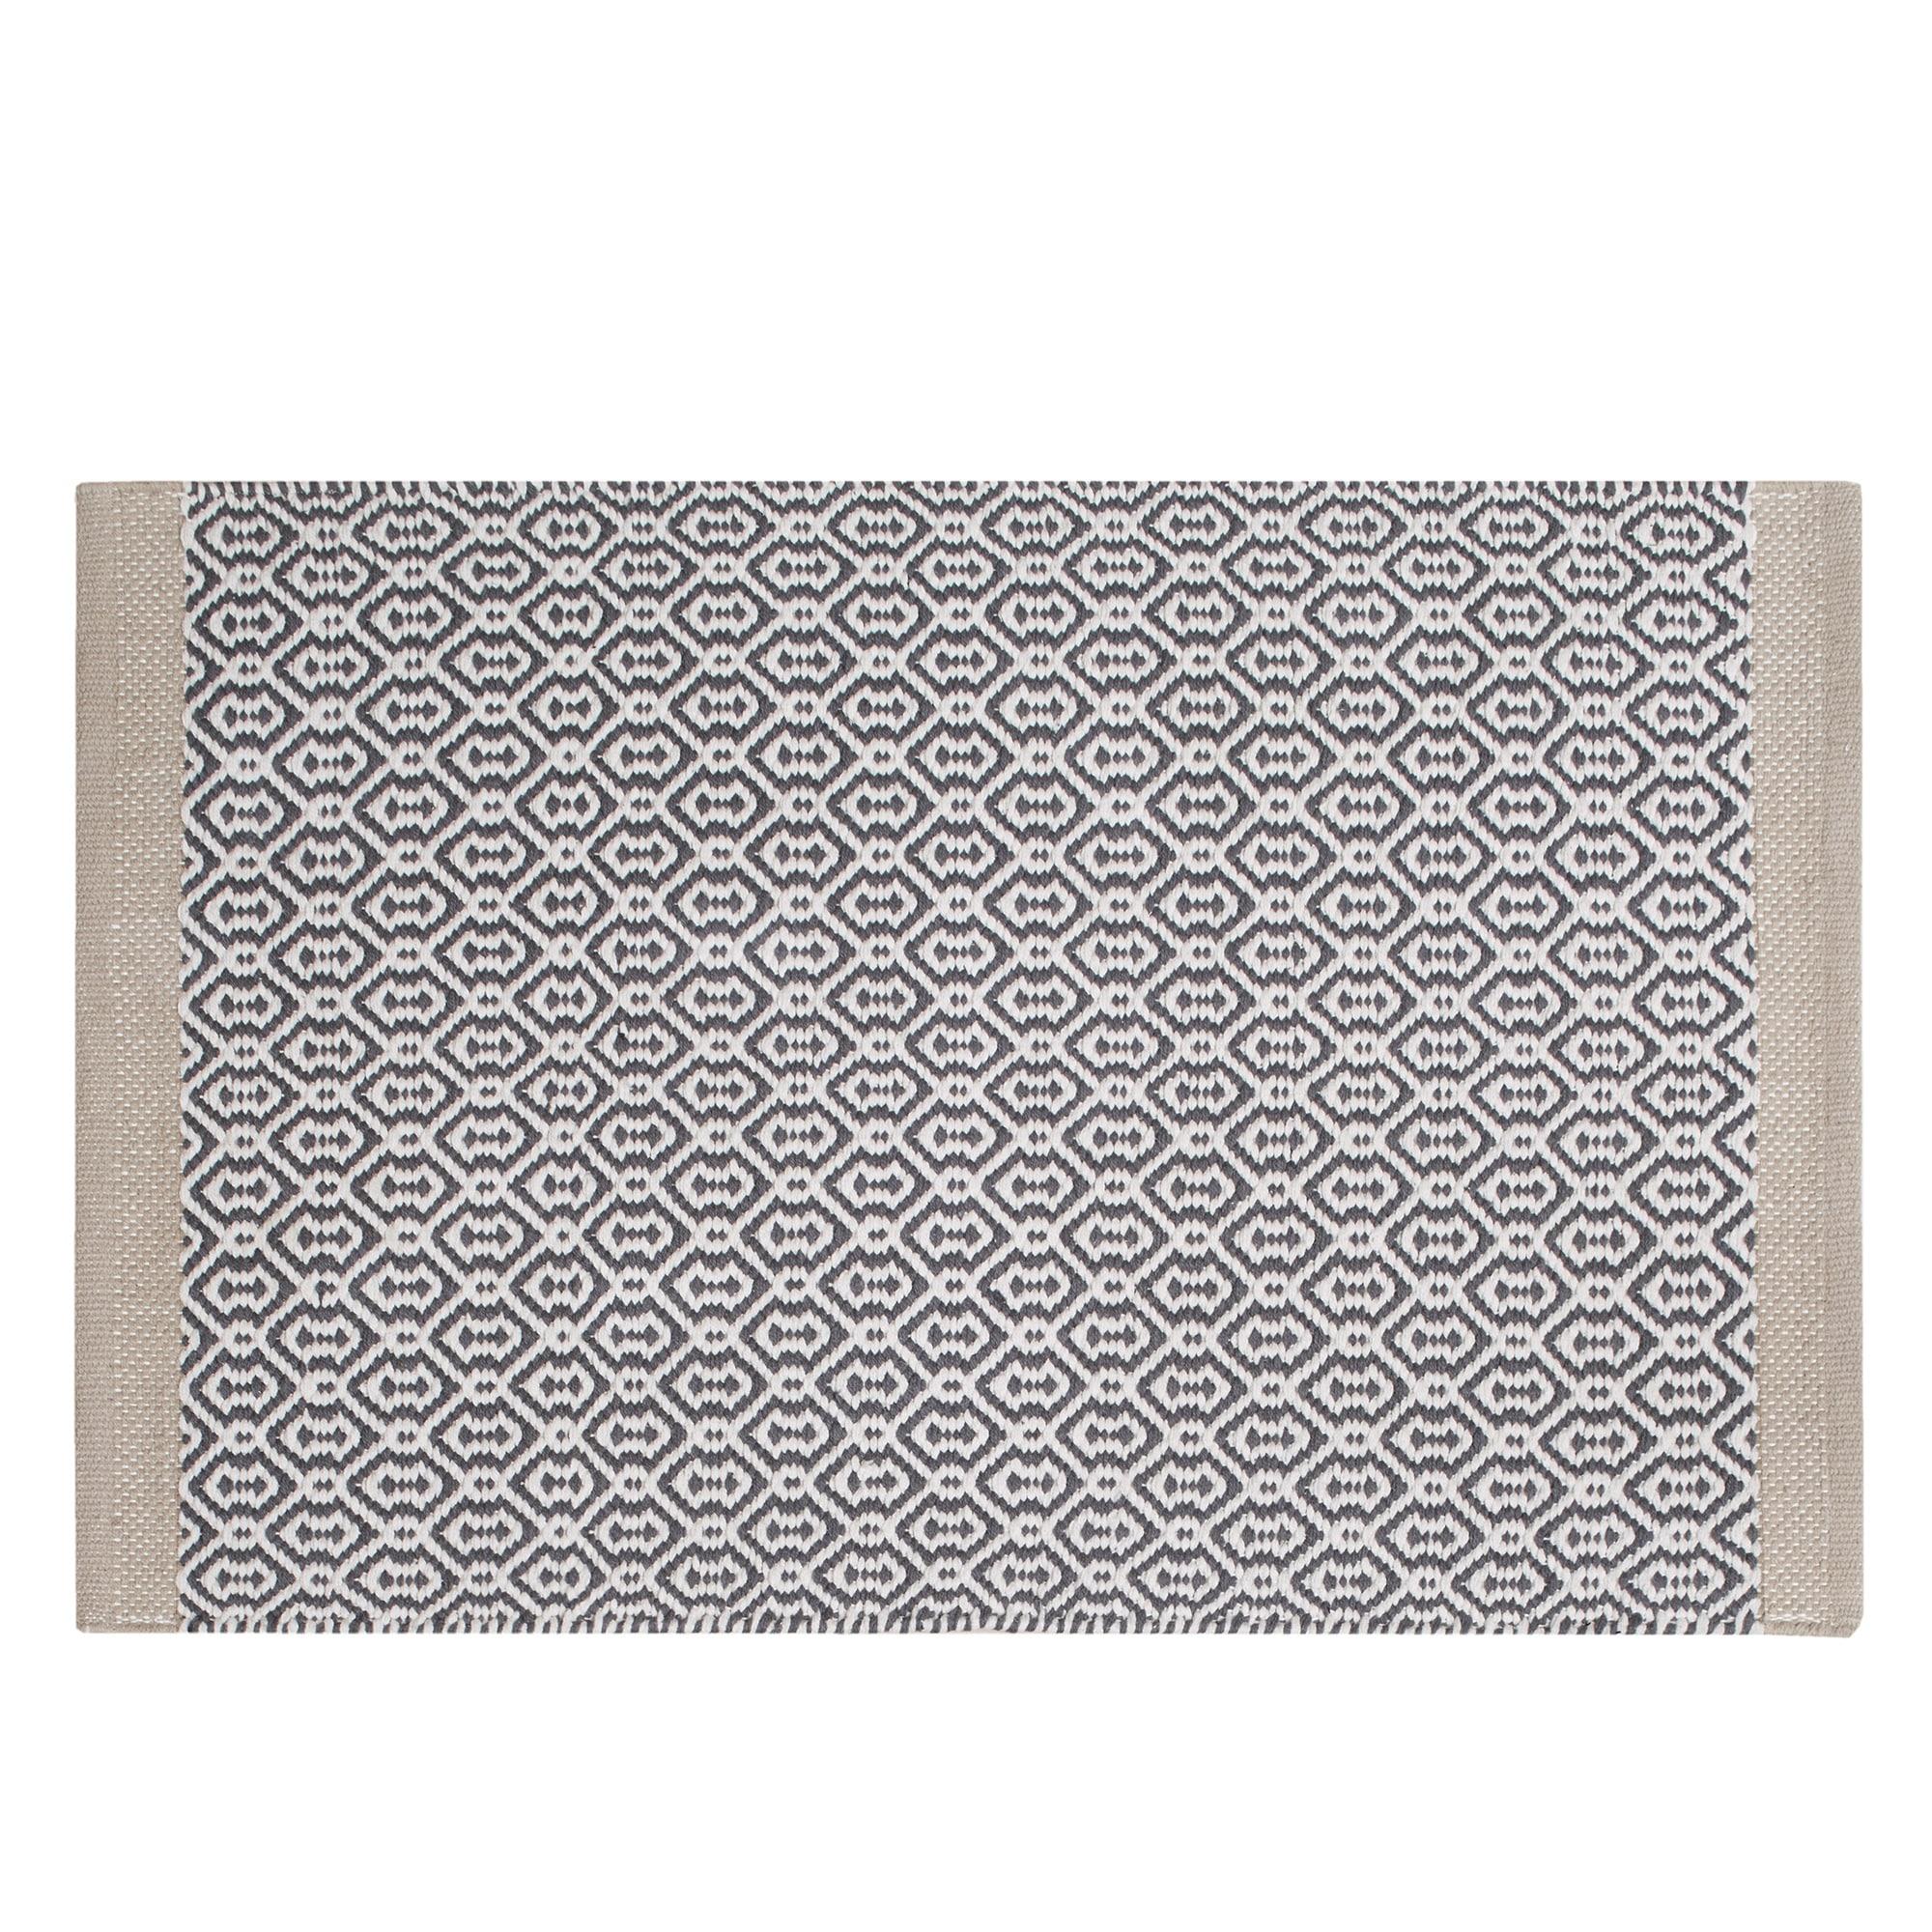 30 x 72 bath rug | home & garden | compare prices at nextag